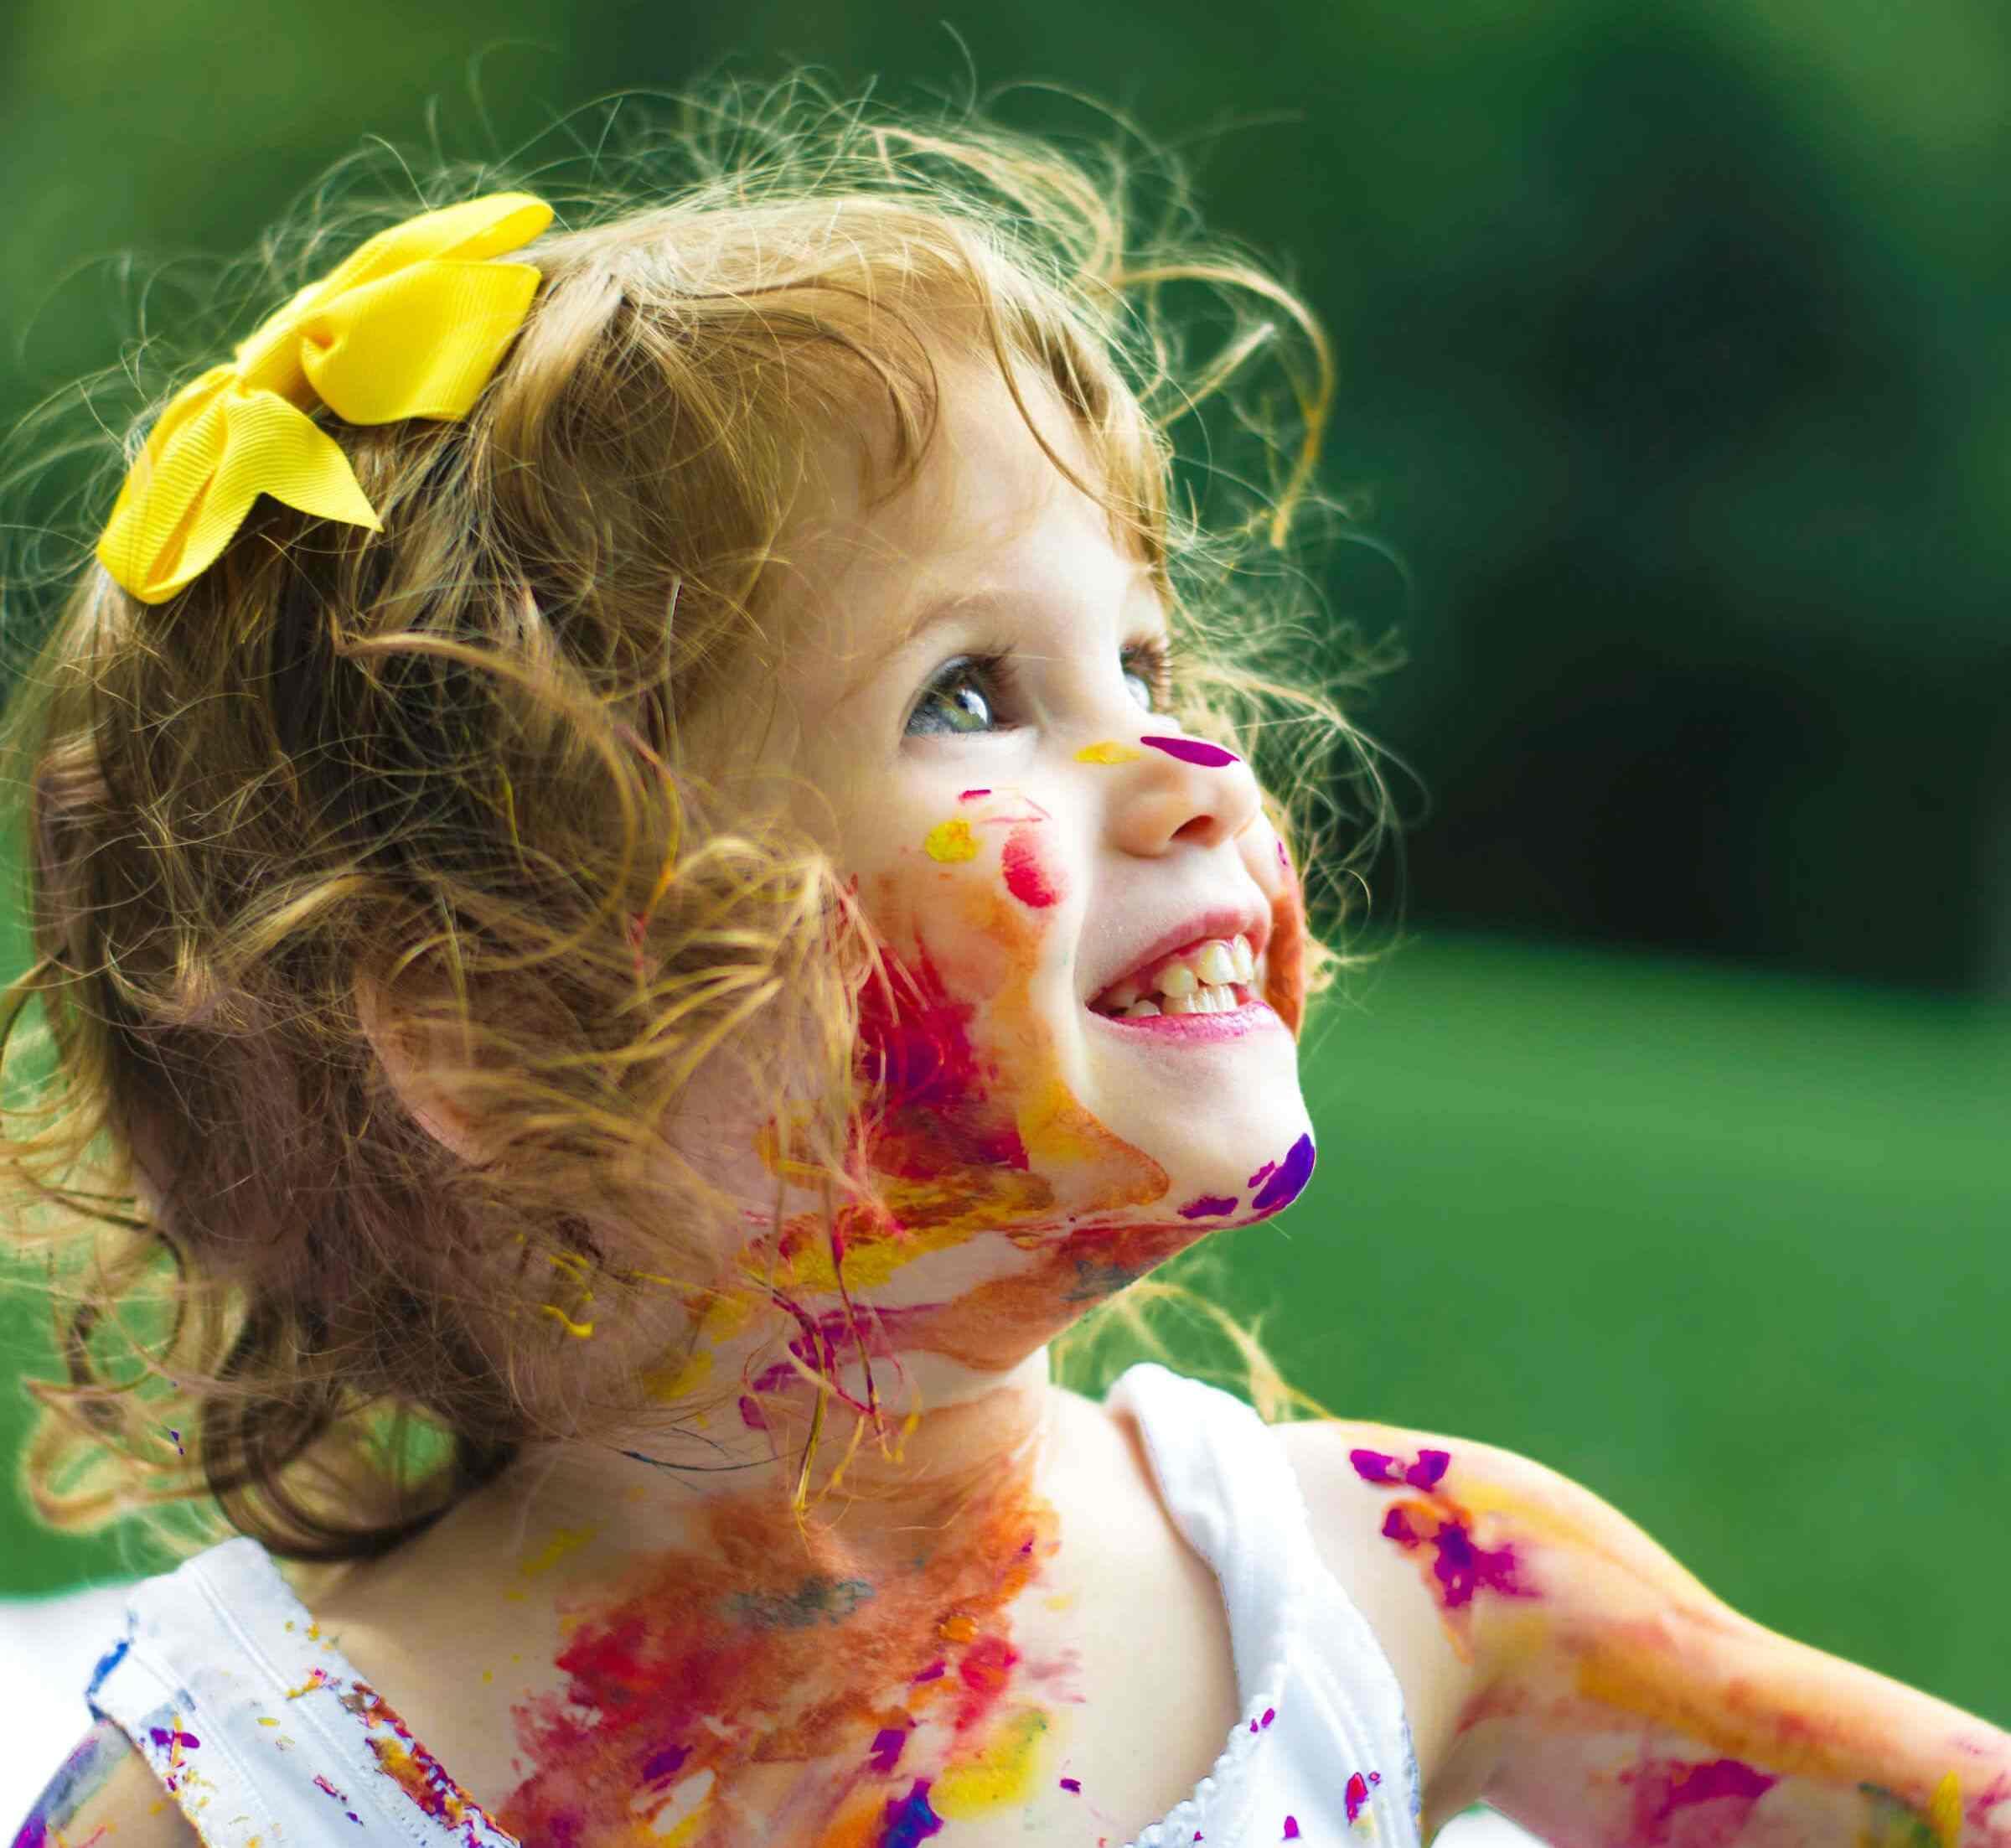 Lachendes Mädchen mit Farbe im Gesicht schaut nach oben (Foto von Senjuti Kundu auf Unsplash)